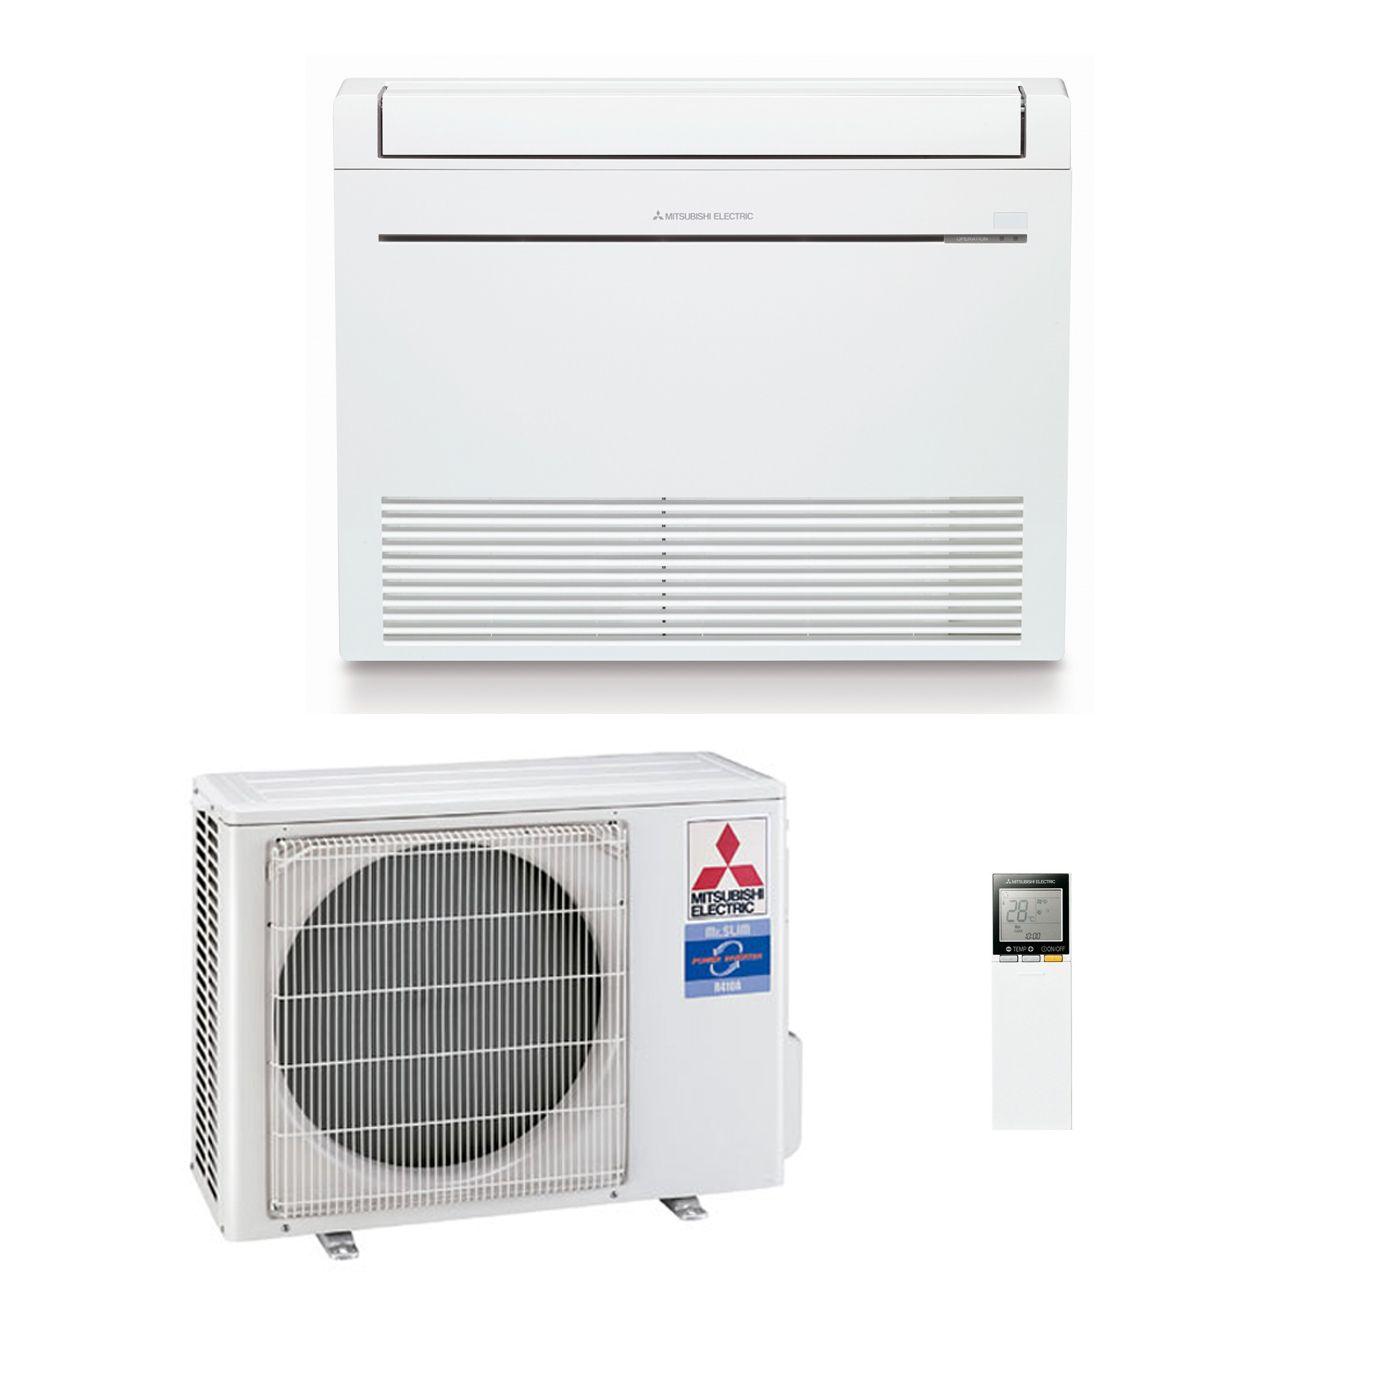 Mitsubishi Electric Air Conditioning Heat Pump Inverter MFZ-KA50VA